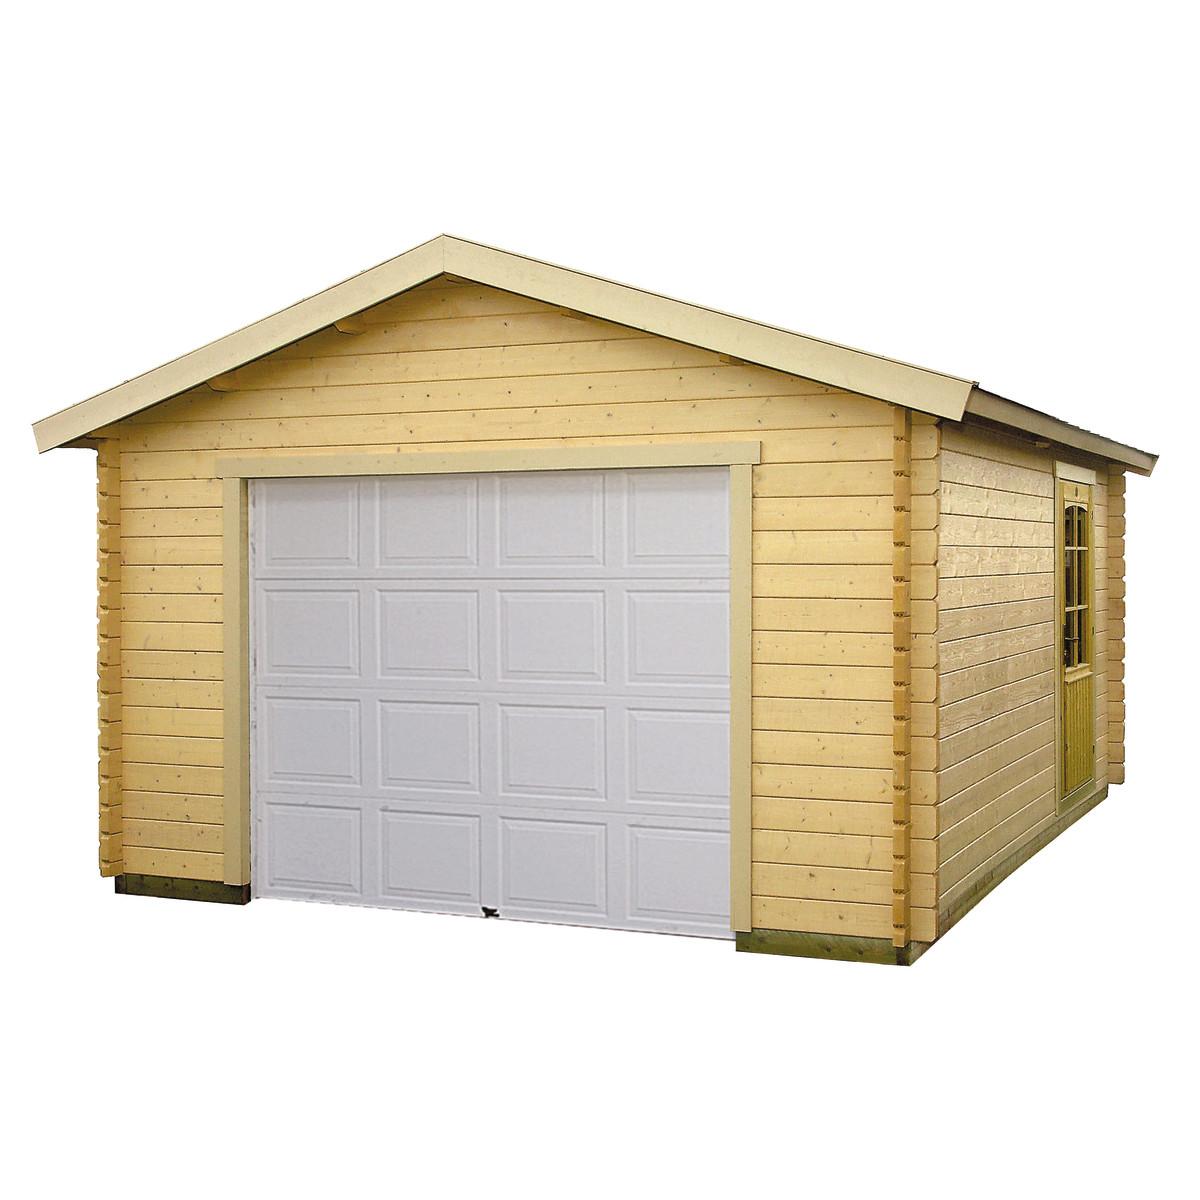 Garage cedro 380x580x260 cm prezzo e offerte sottocosto for Perline legno leroy merlin